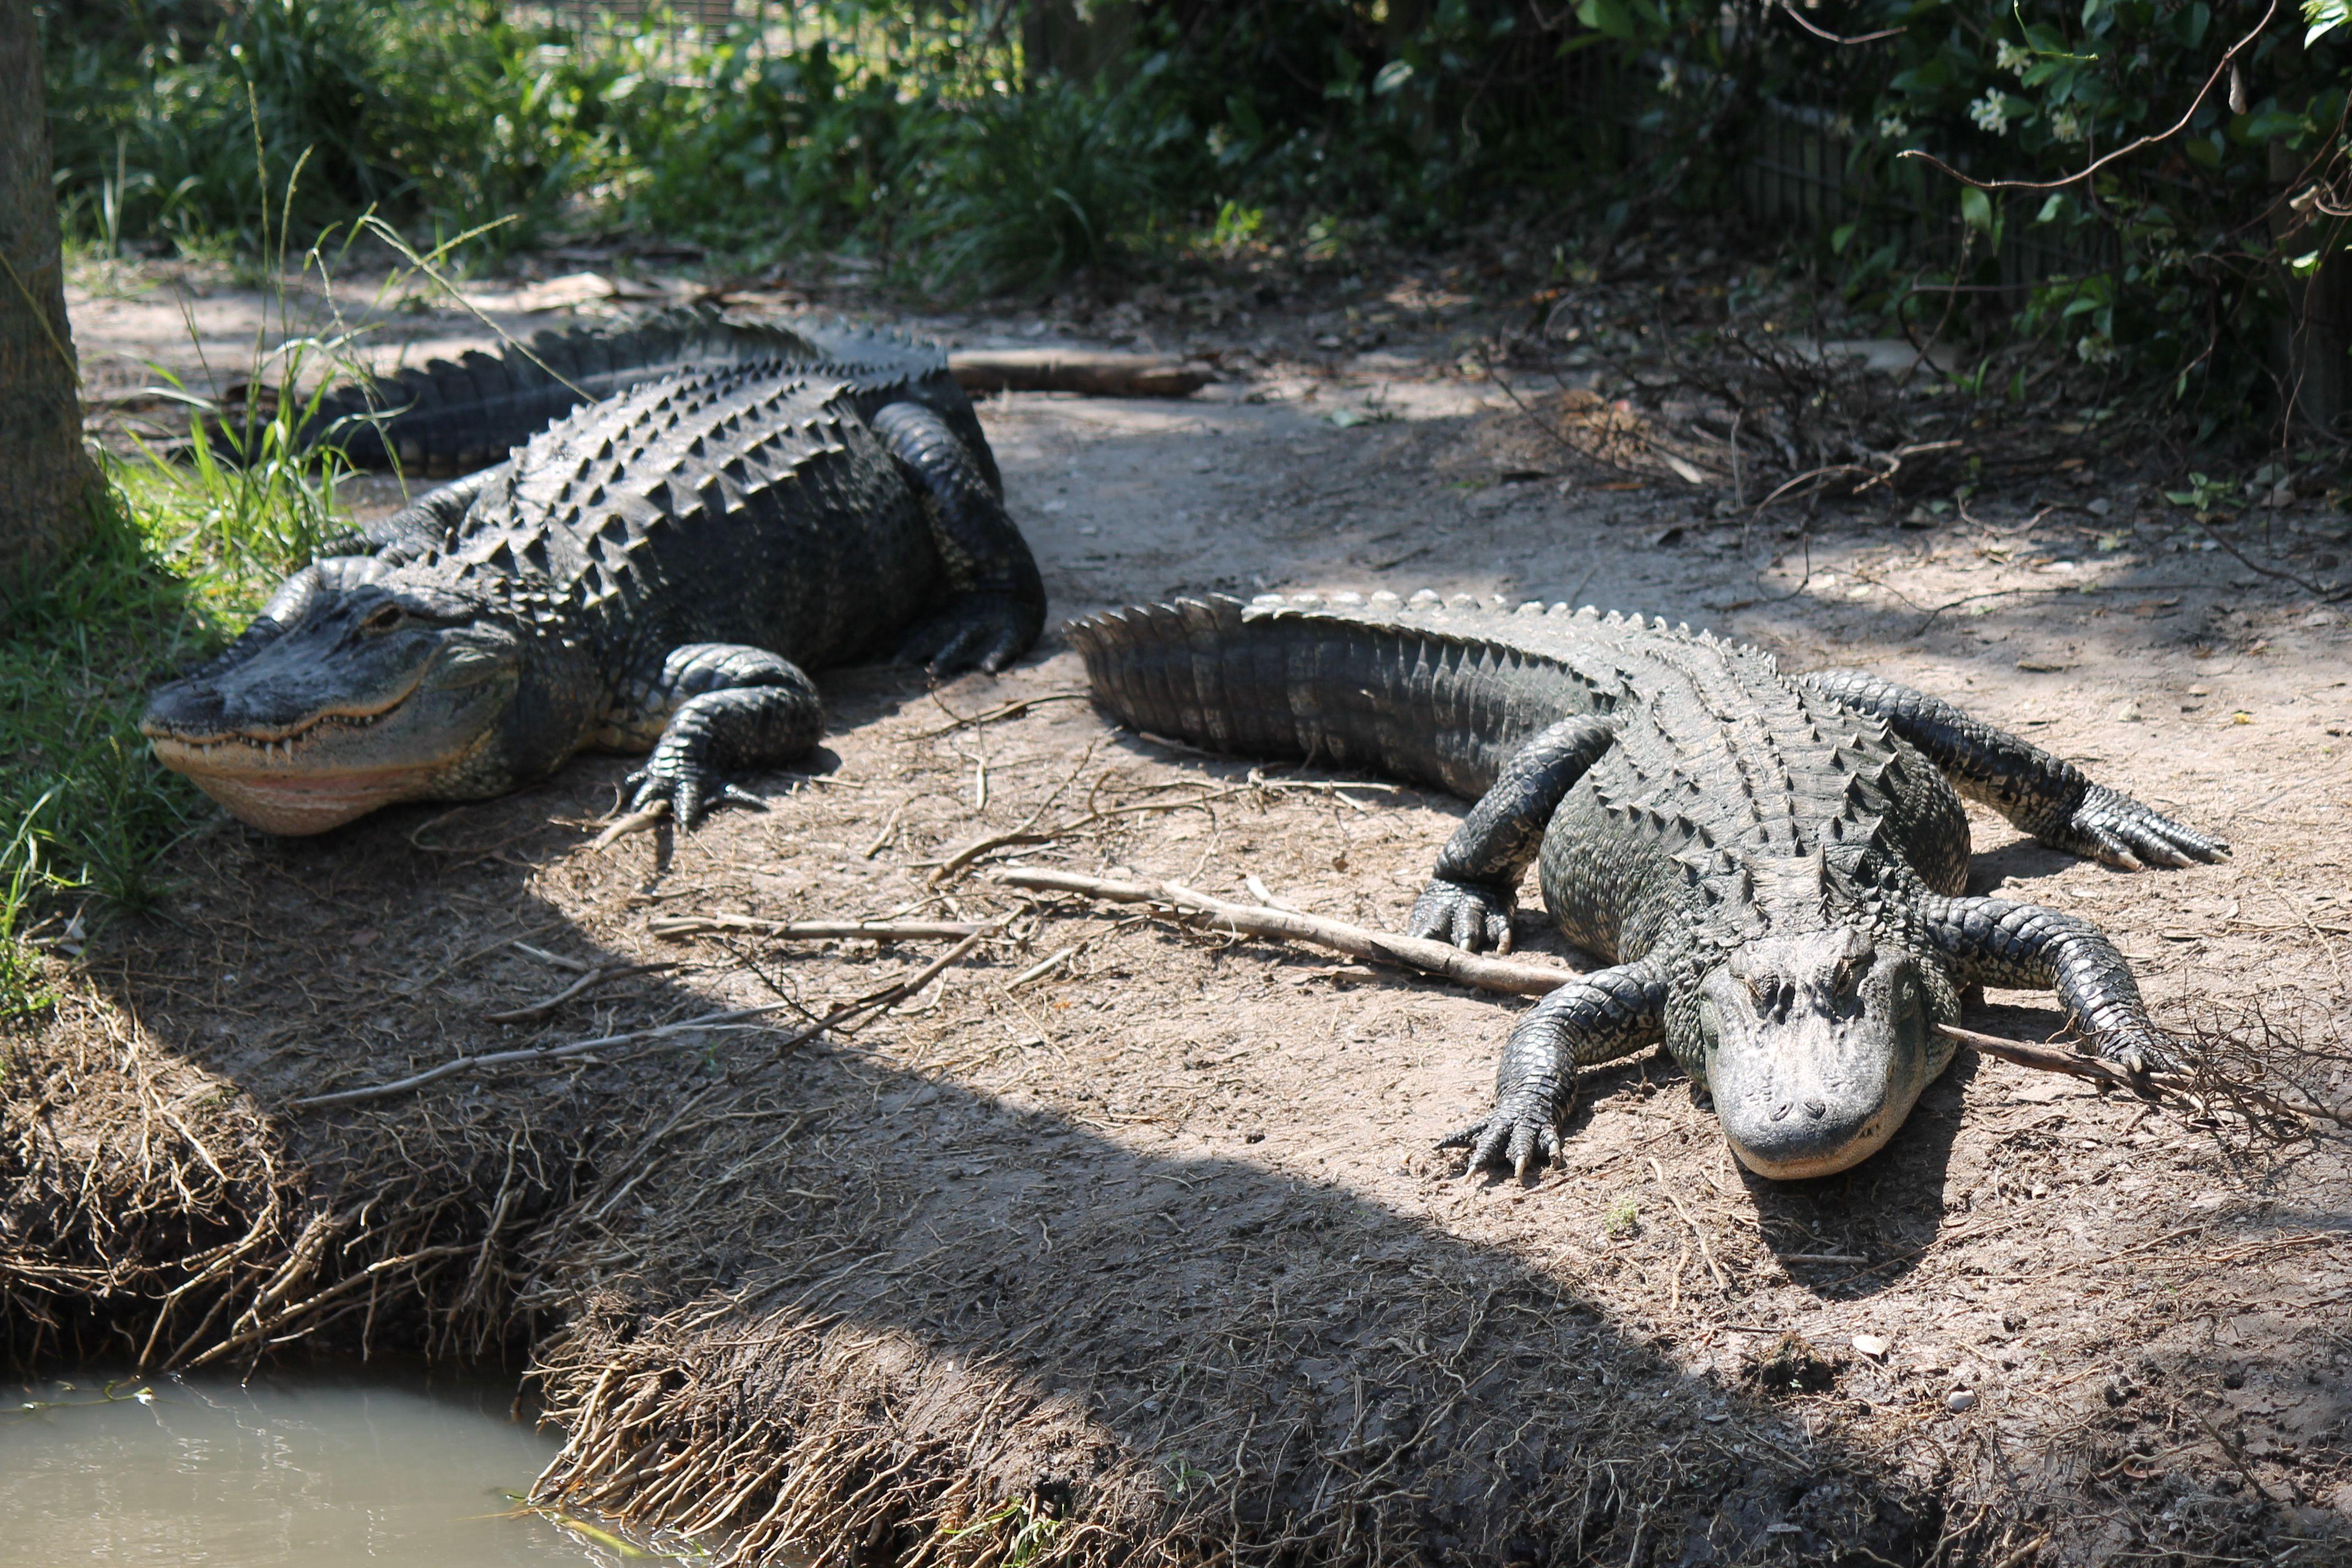 Alligators at Wild Florida